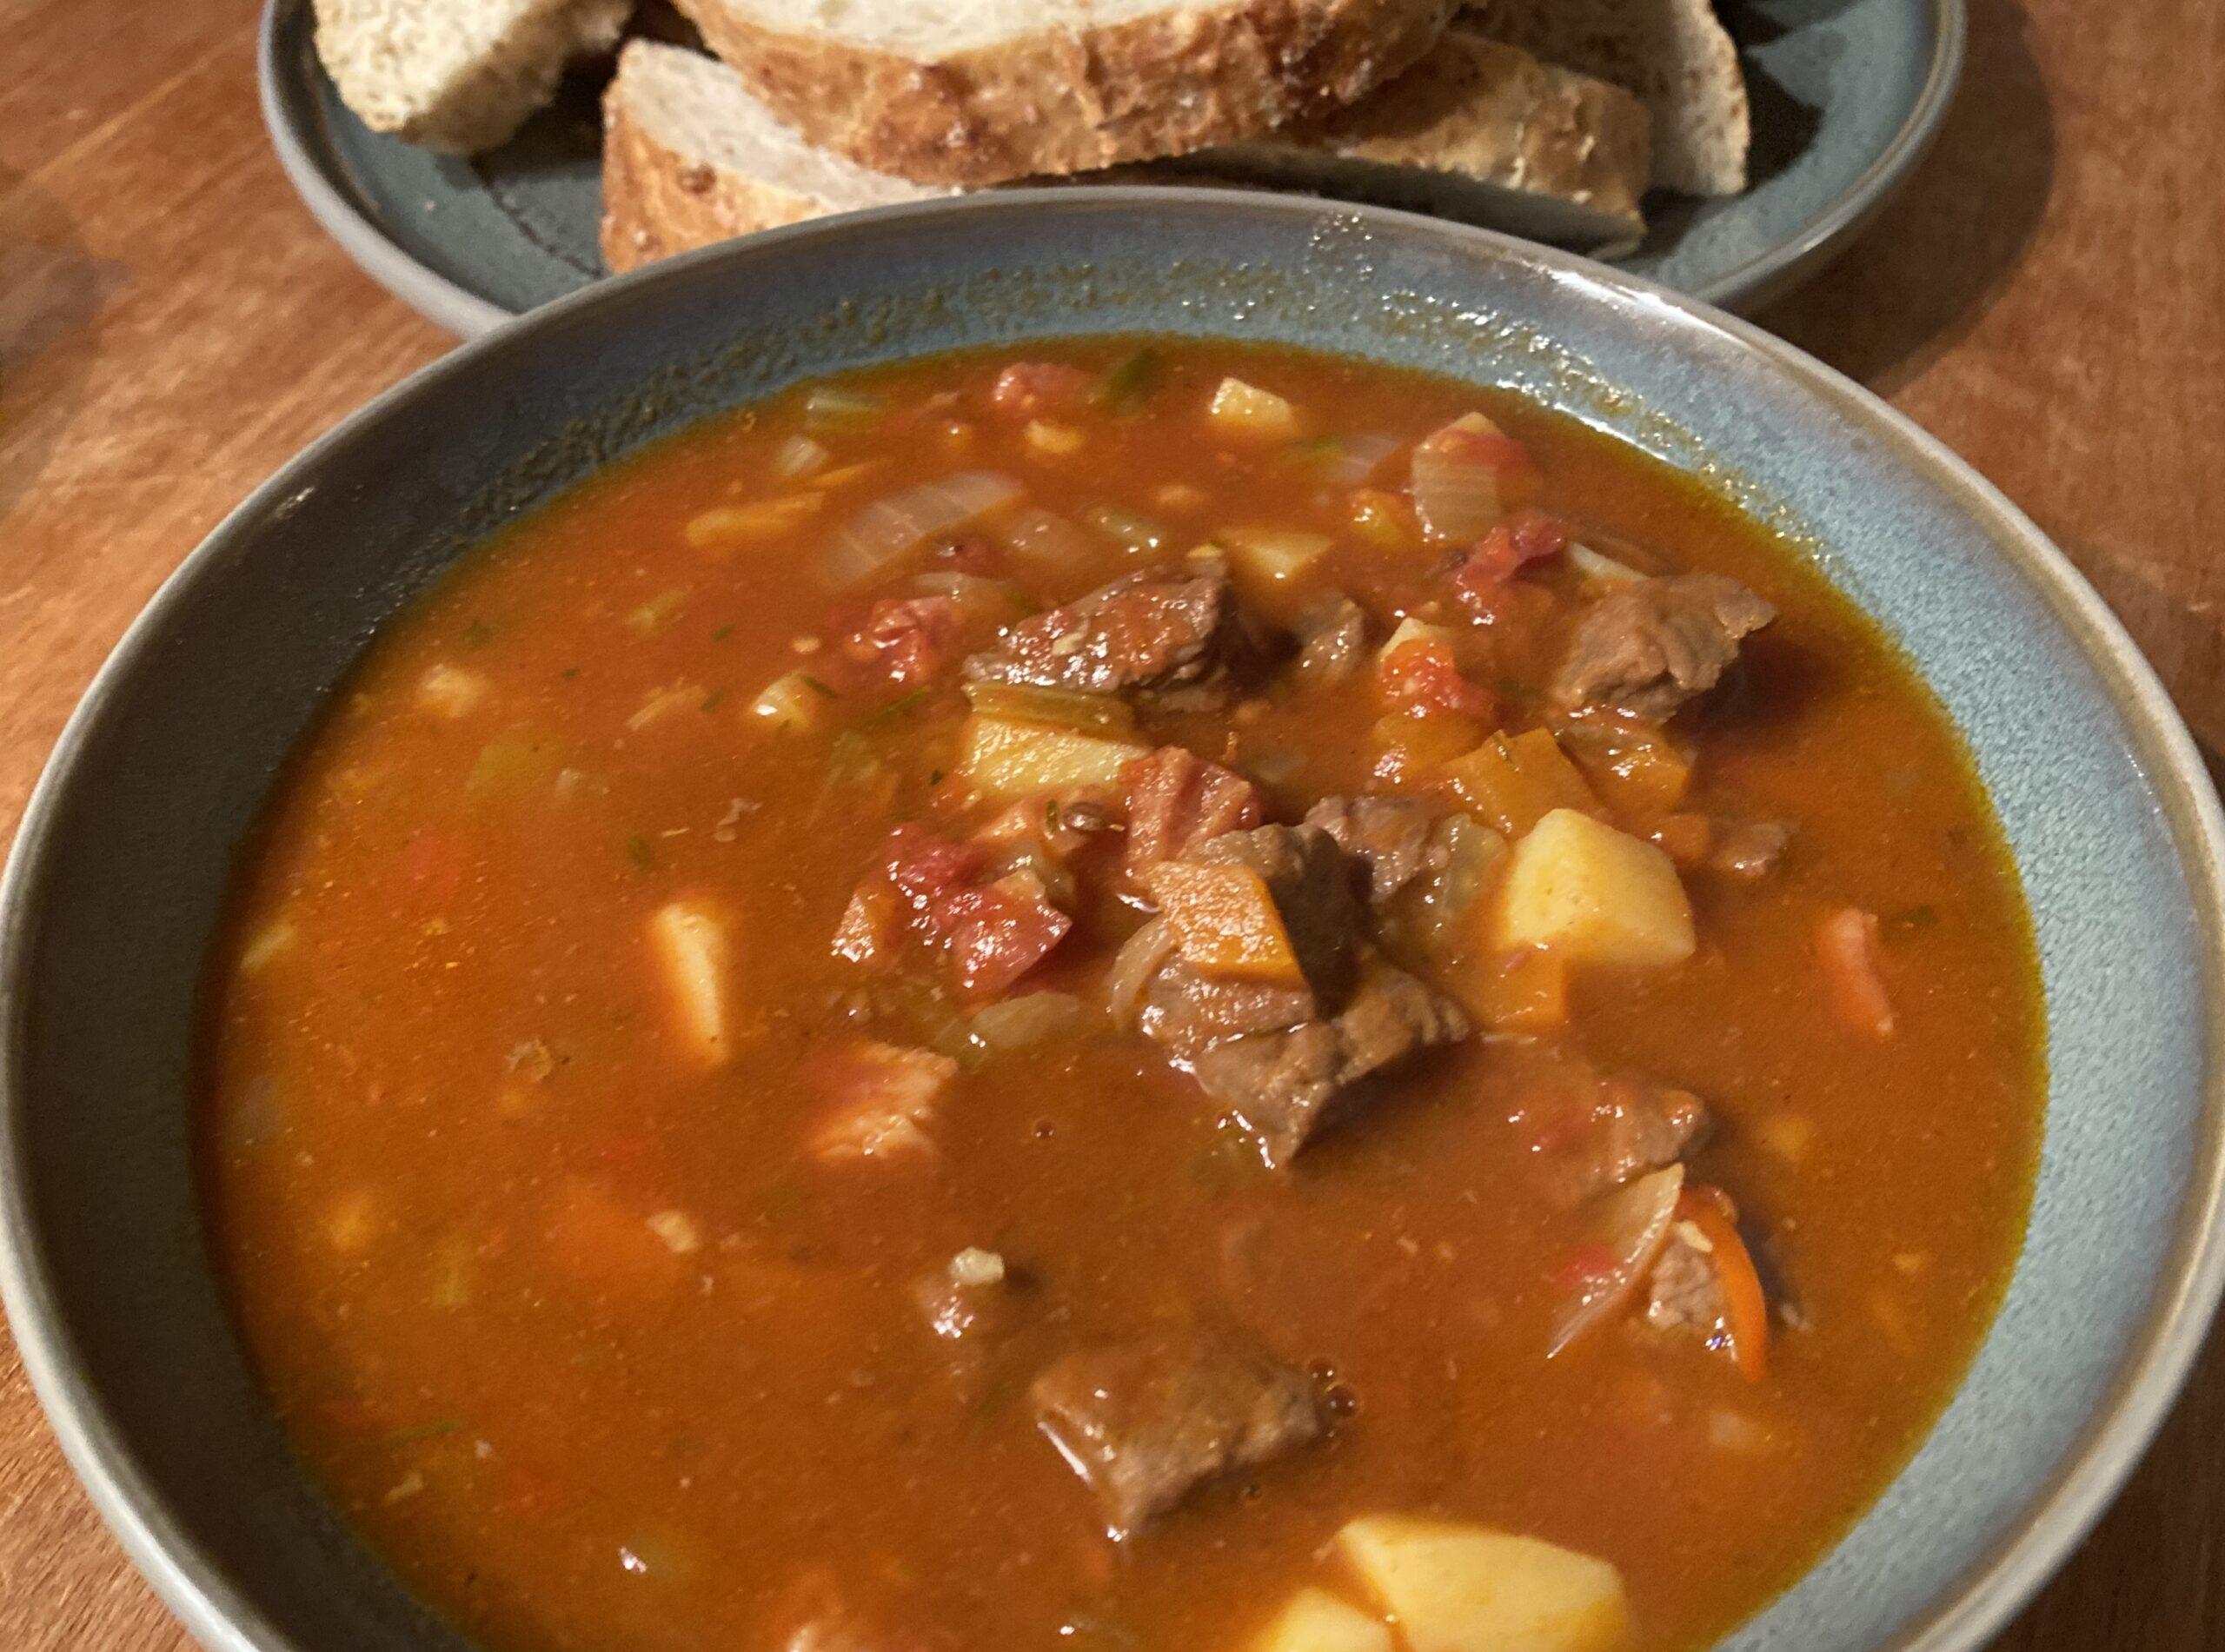 Gullasch suppe